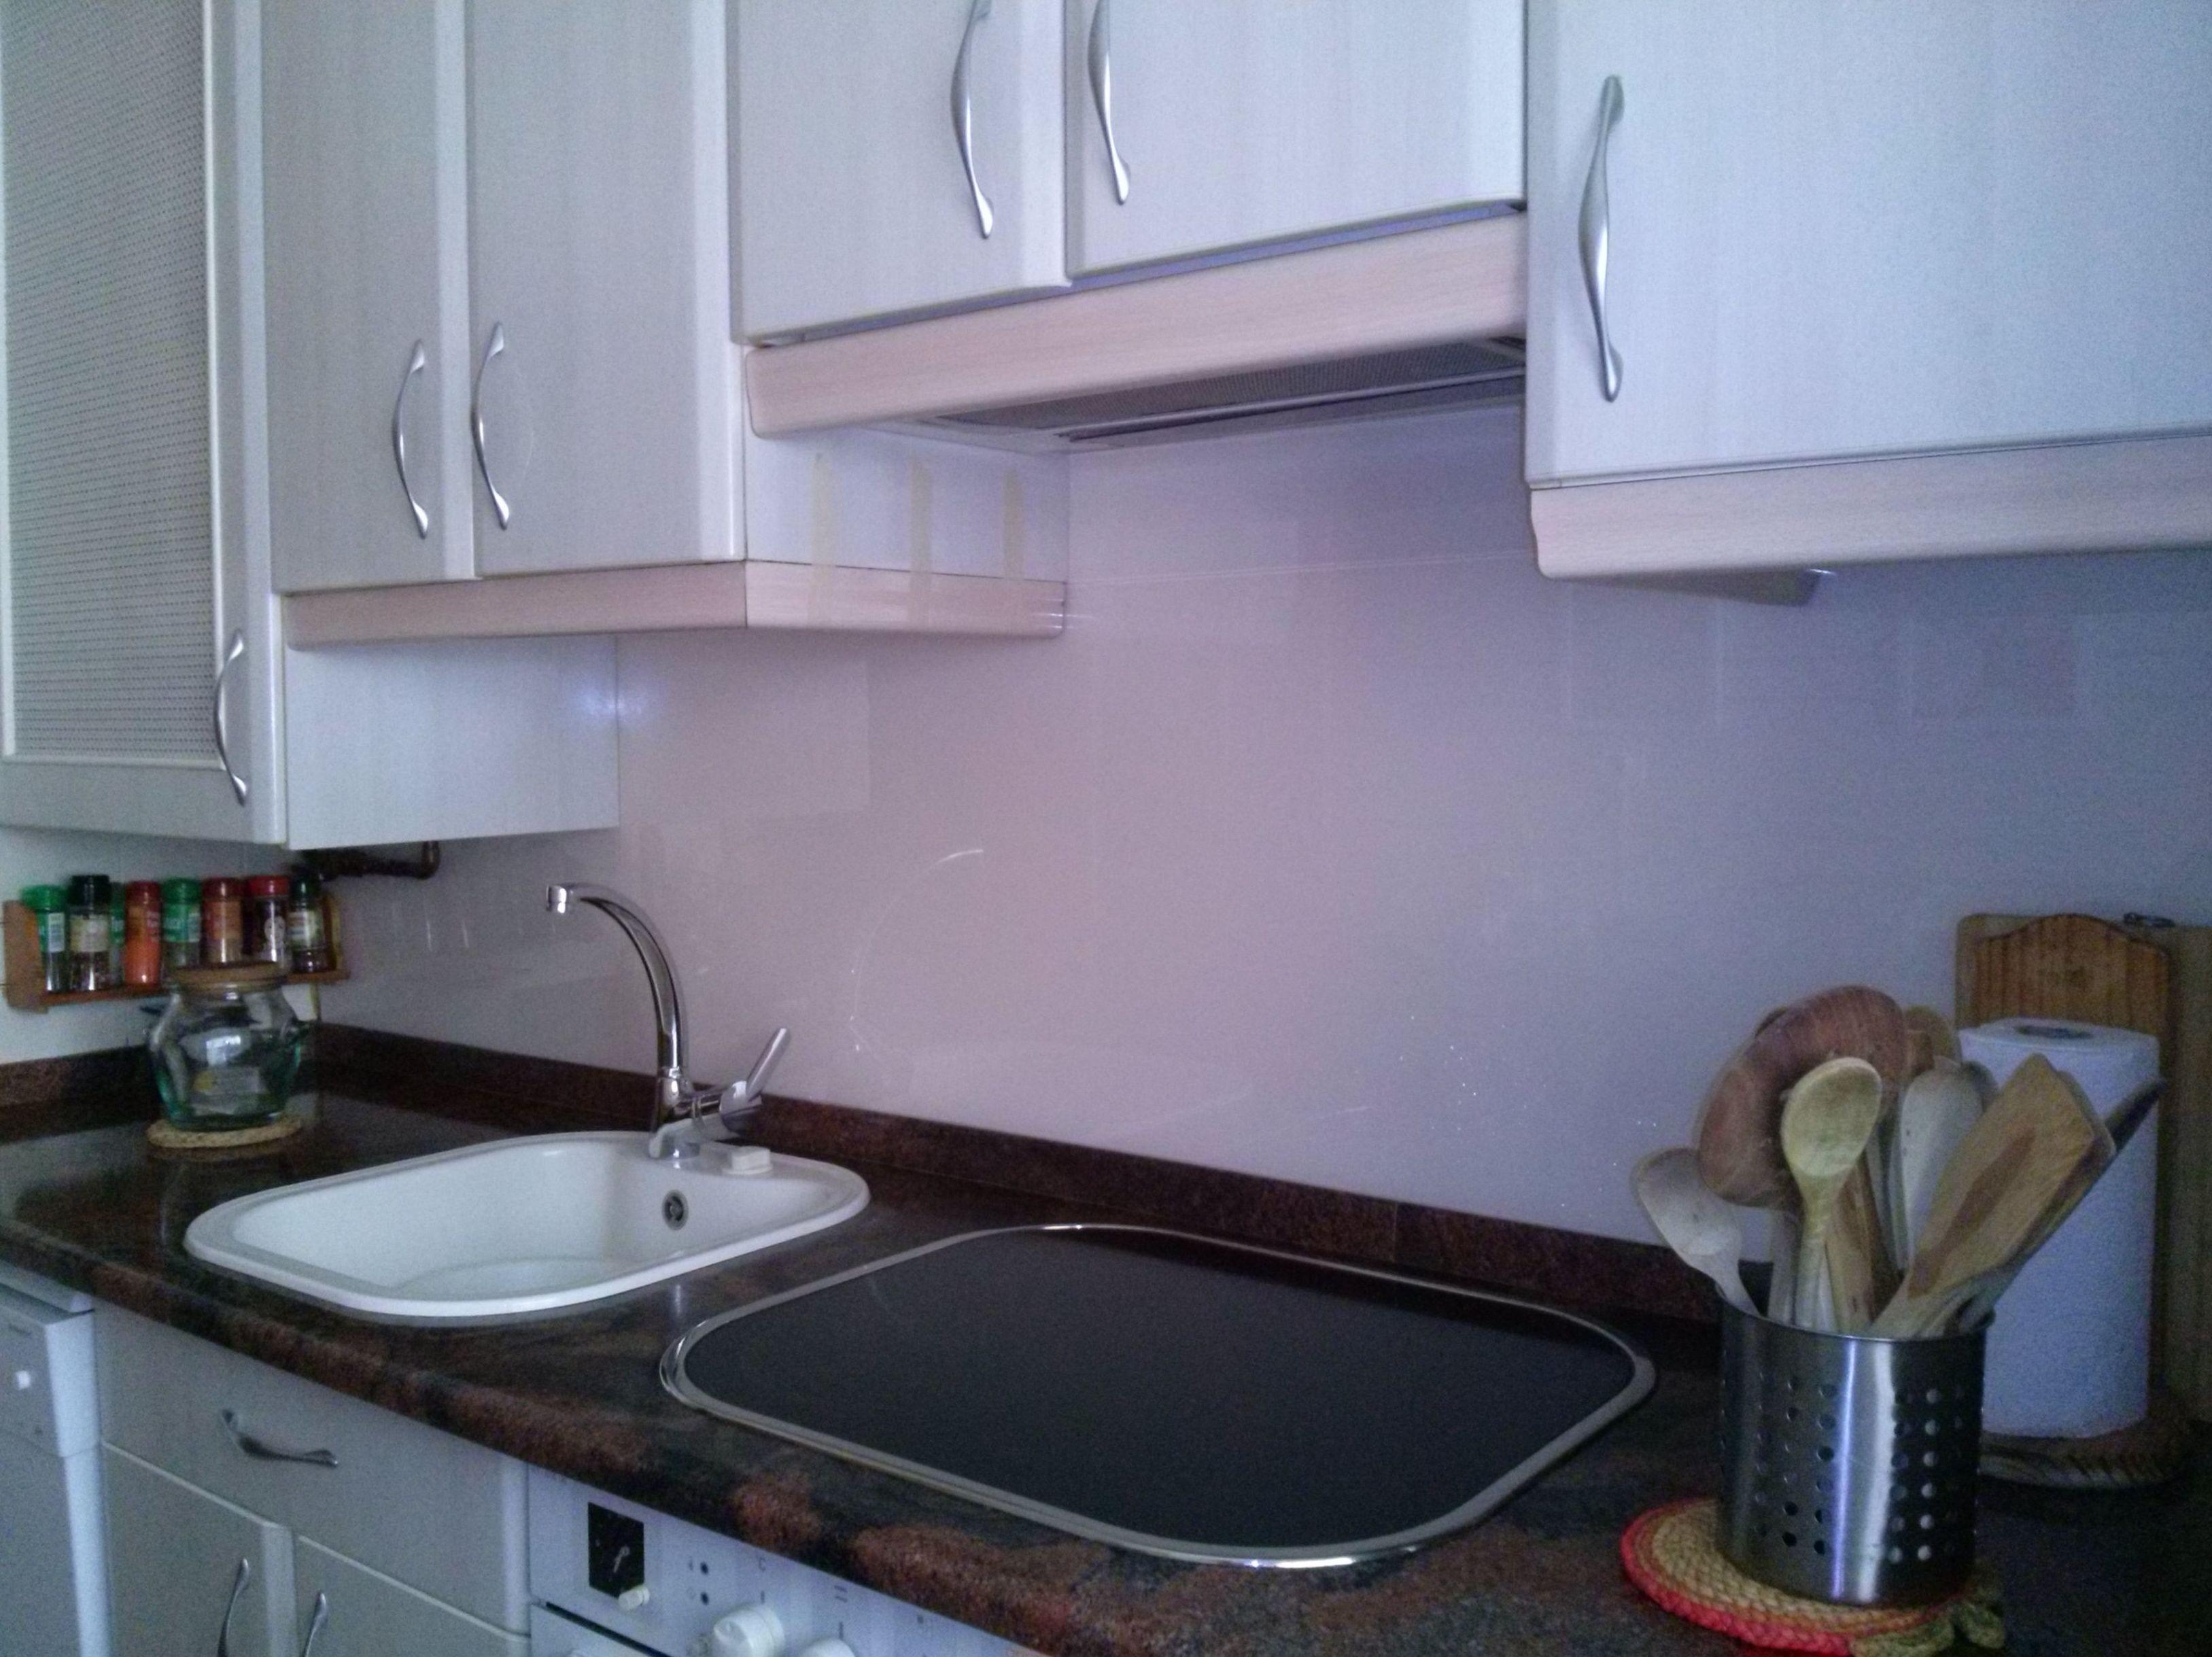 Frente de cocina forrado con vidrio